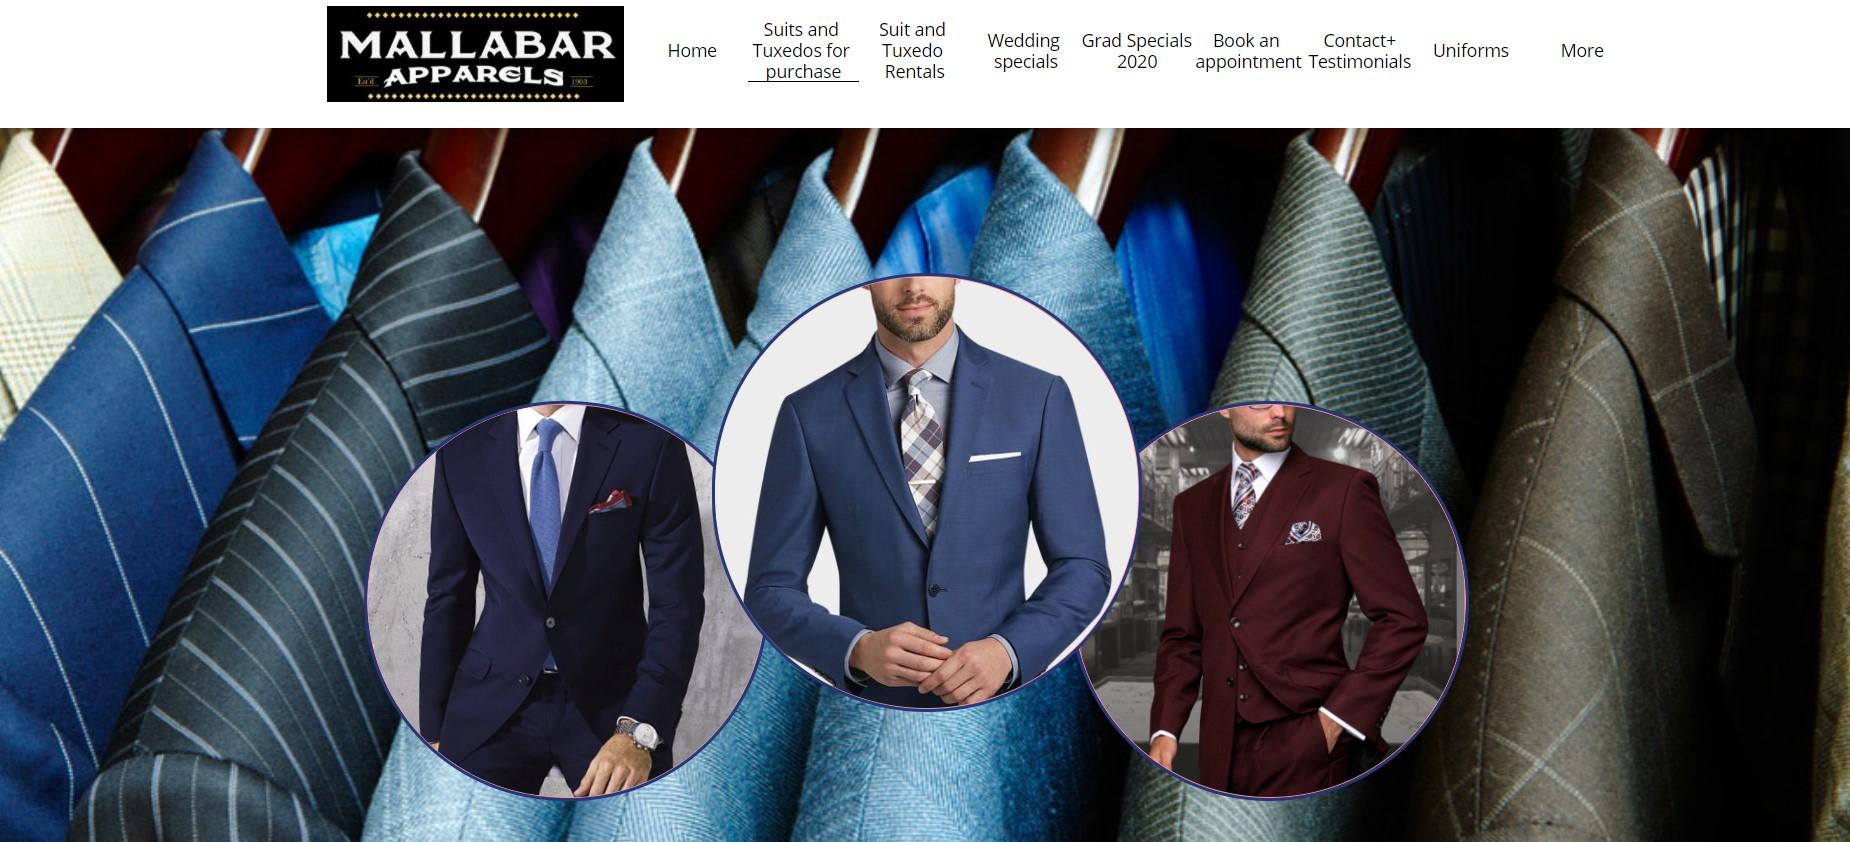 mallabar apparels formal wear store in winnipeg